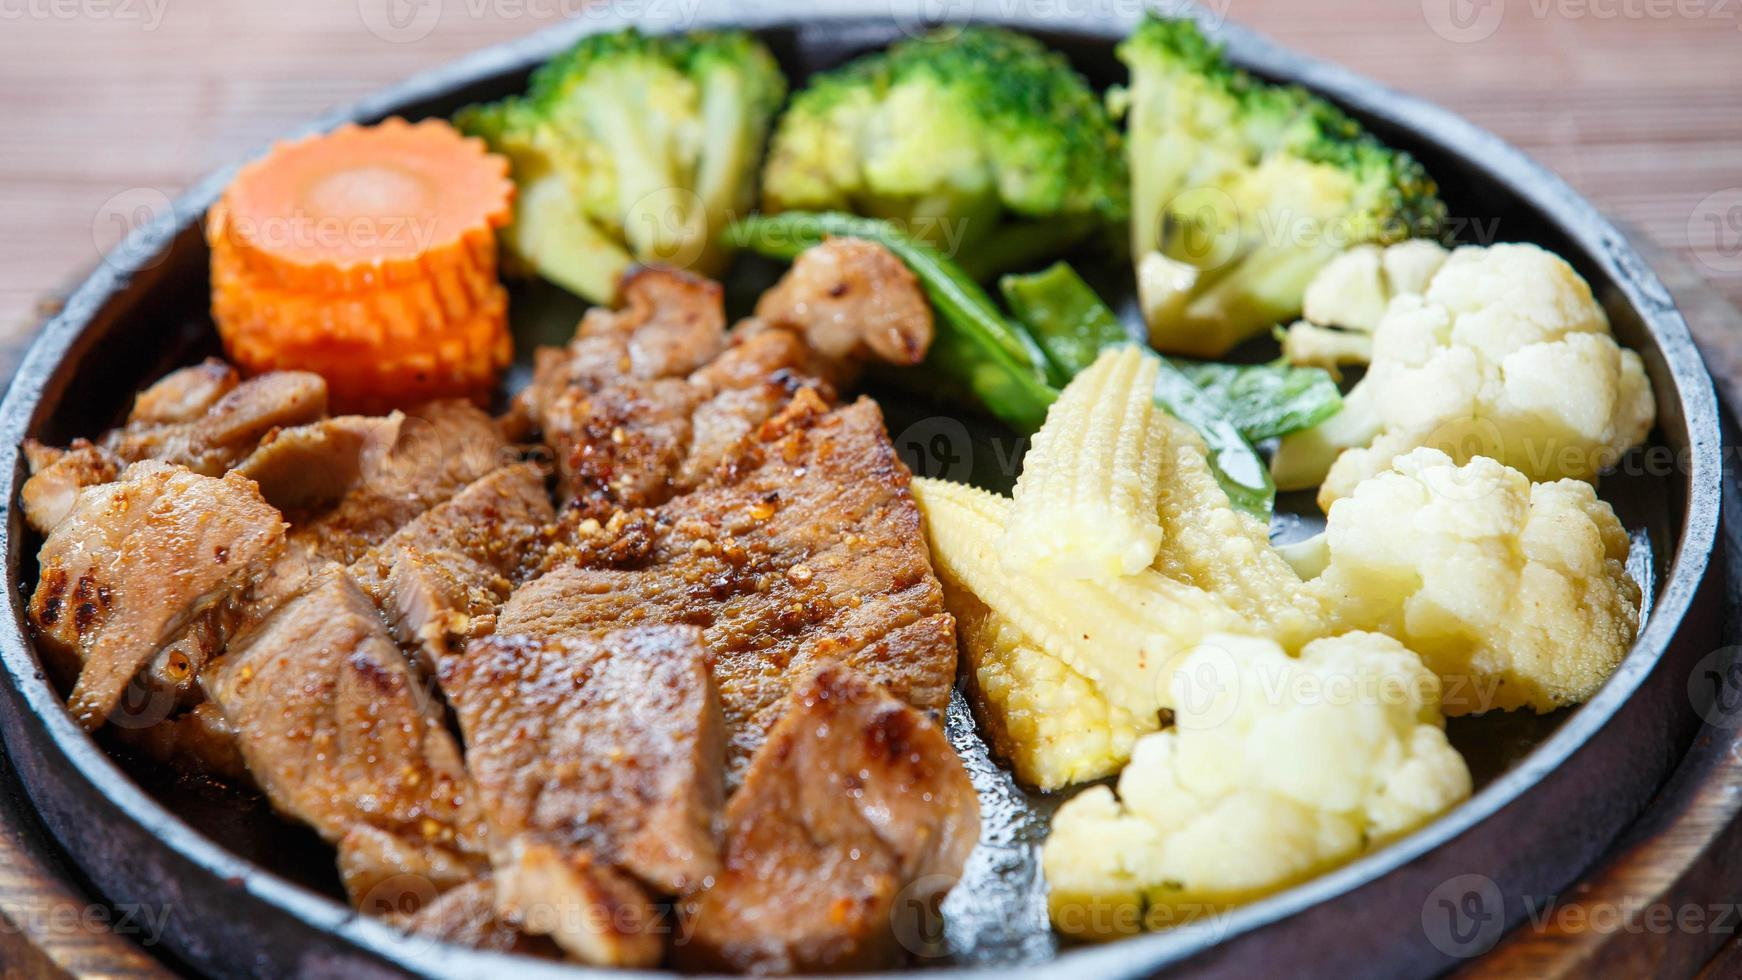 côtelette de porc grillée juteuse (cou coupé) avec des légumes photo